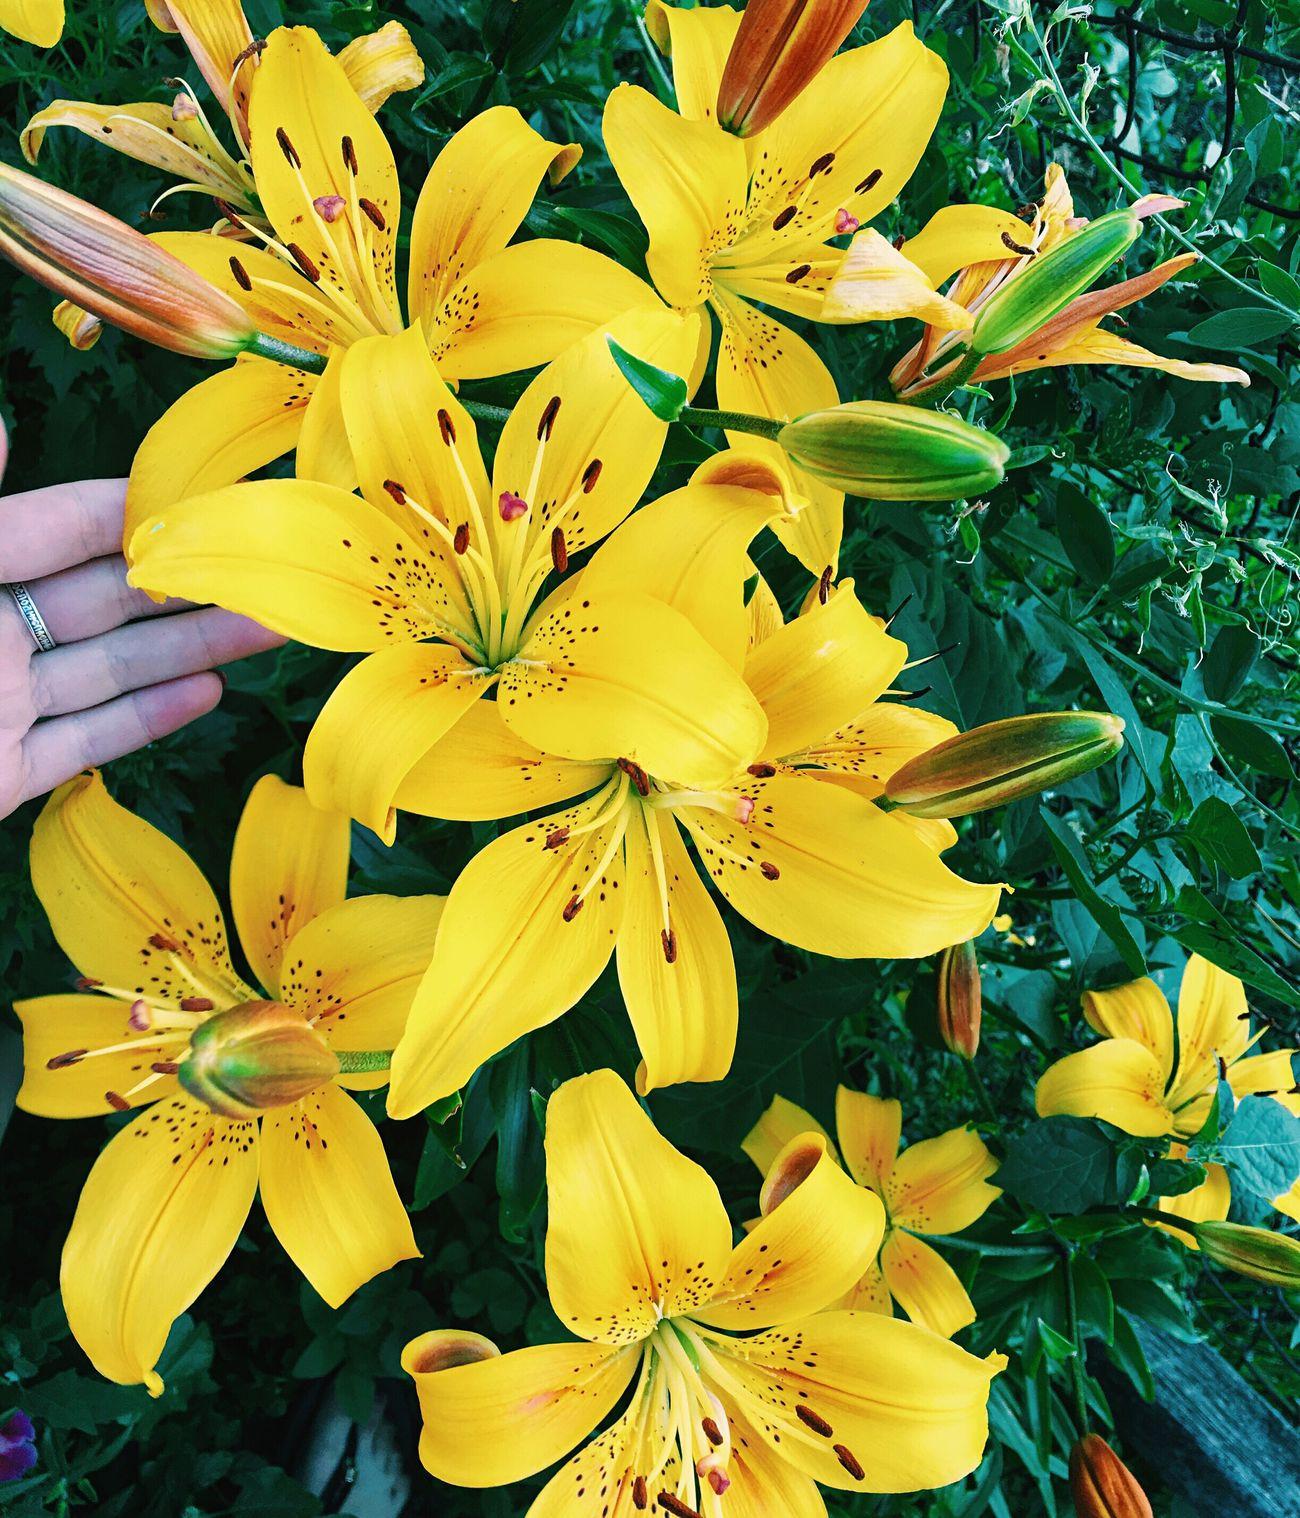 Они прекрасны💛 цветы цветочки красота Красоты природы Flower Flowers красивоефото желтый зеленый красота России красотаприроды красотарядом люблю цветы цветы🌸🌼🌻💐🌾🌿 прелесть милота прекрасно взаимныелайки взаимнаяподписка Followme Follow4follow Followback Follow Followforfollow Following